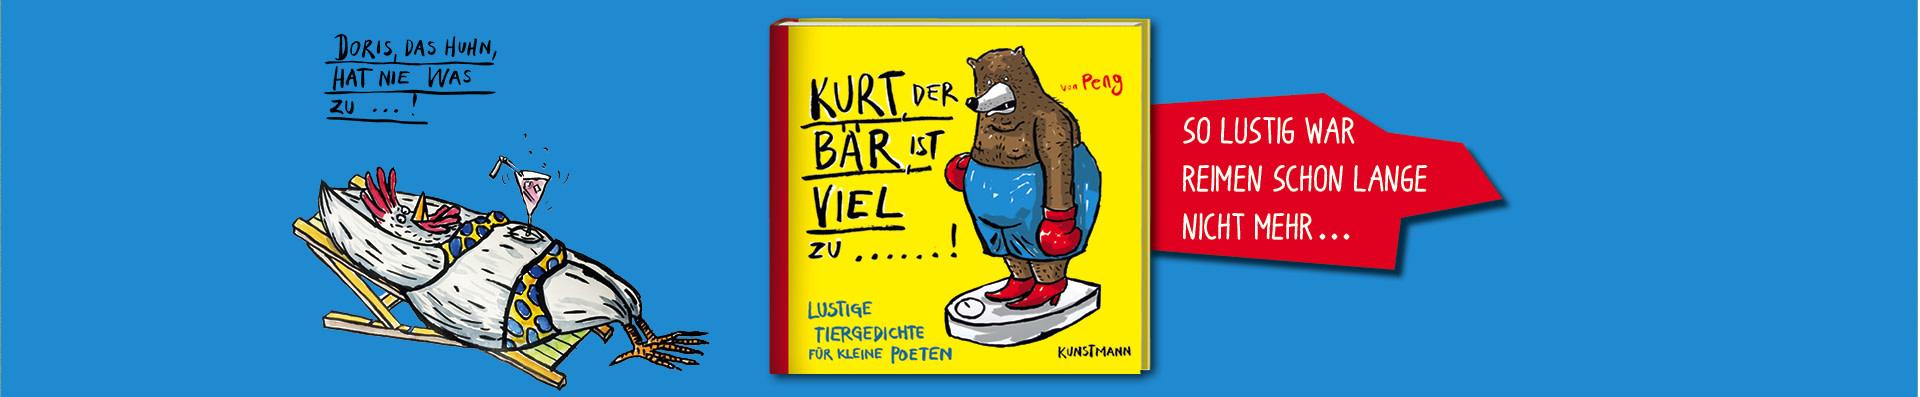 Peng – Kurt, der Bär, ist viel zu ...